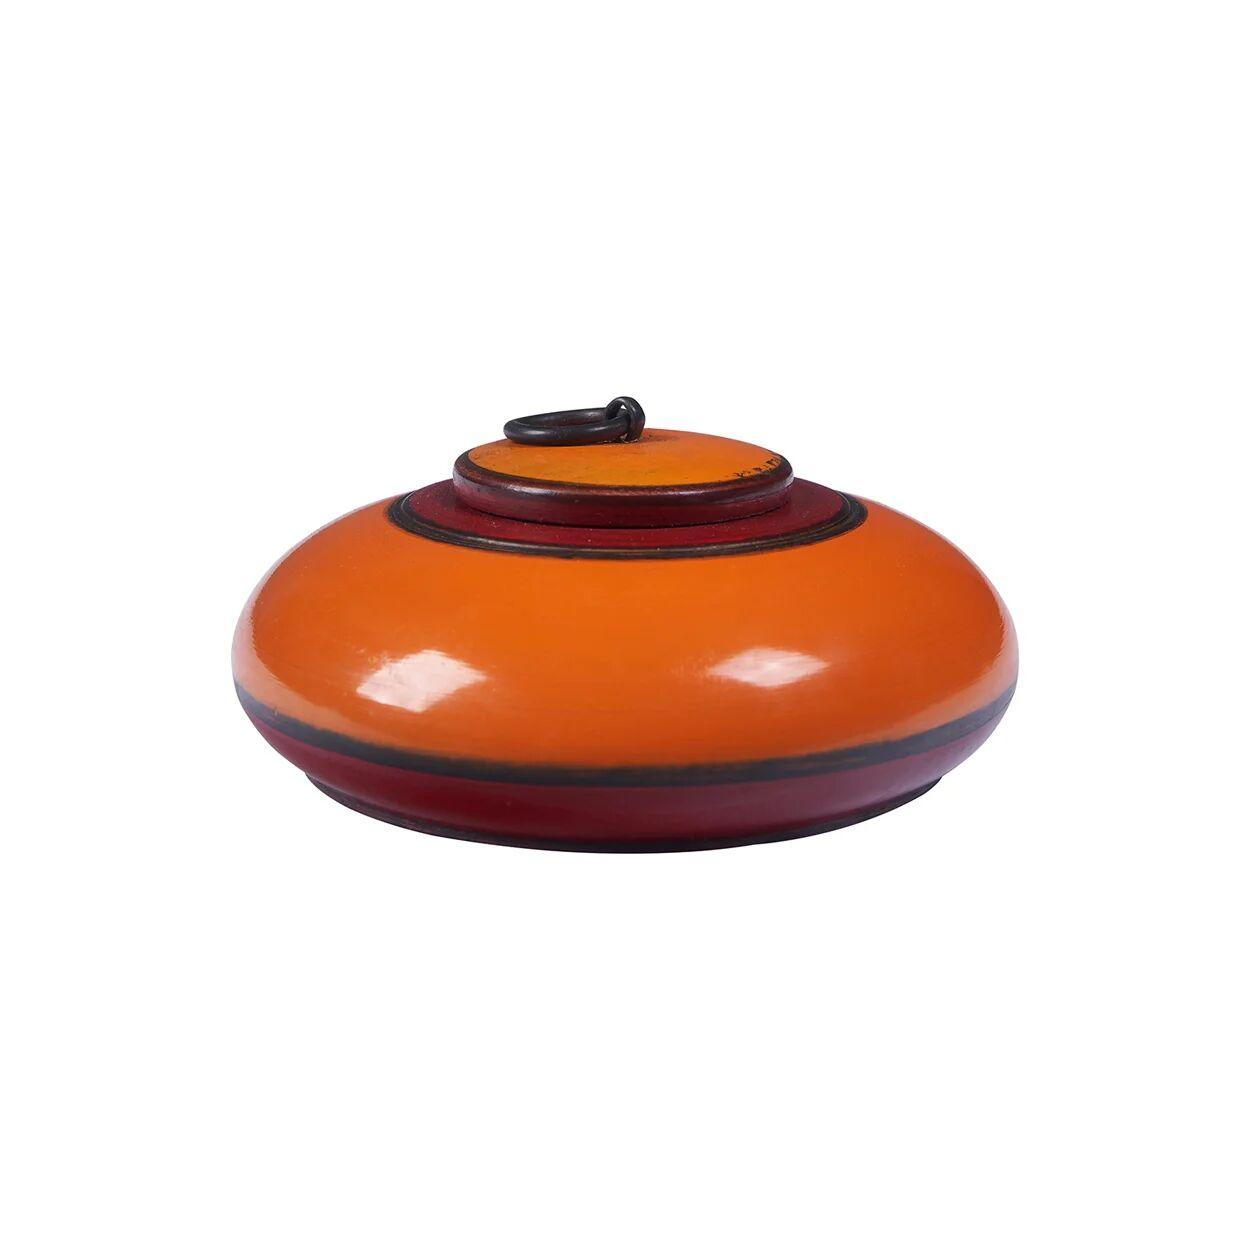 novità home natural style scatola tonda con coperchio in legno laccato arancione bordeaux